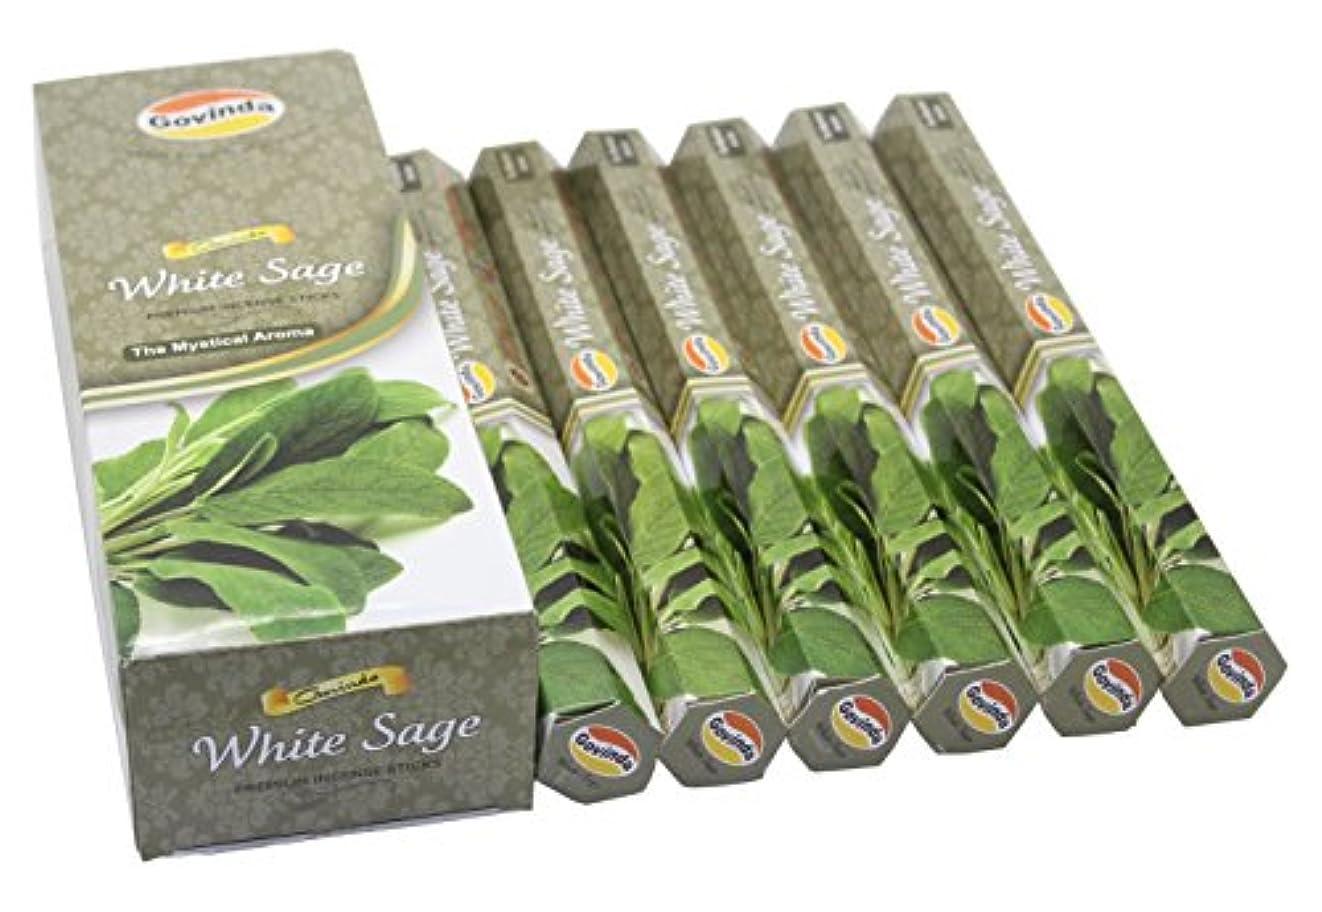 最もバングキラウエア山Govinda Incense - White Sage - 120 Incense Sticks, Premium Incense, Masala Coated